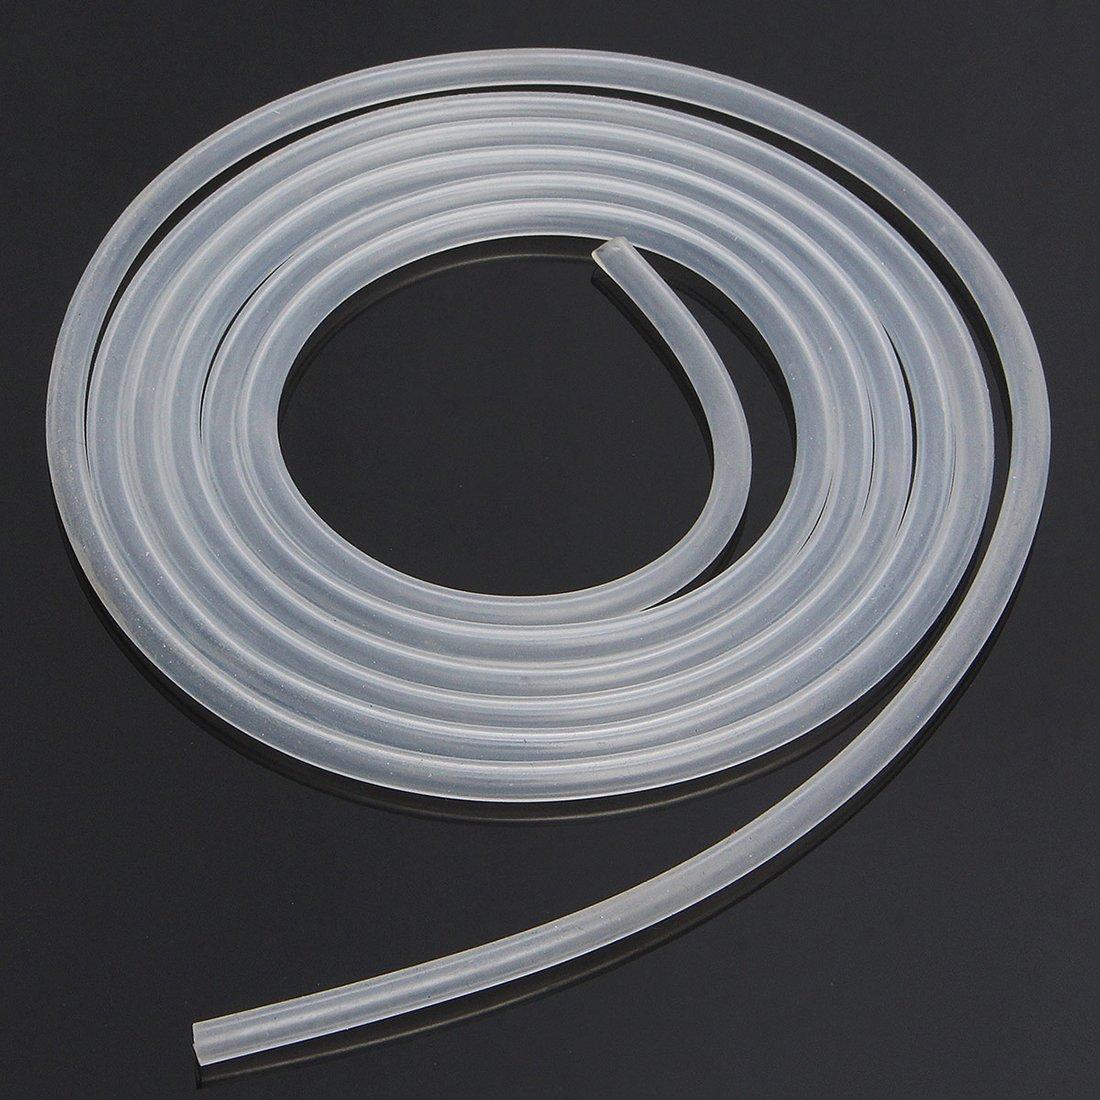 BMYUK 2 Tubo de Silicona Tubo de Silicona Tubo de Presi/ón Manguera Altamente Flexible 3 X 5 Mm